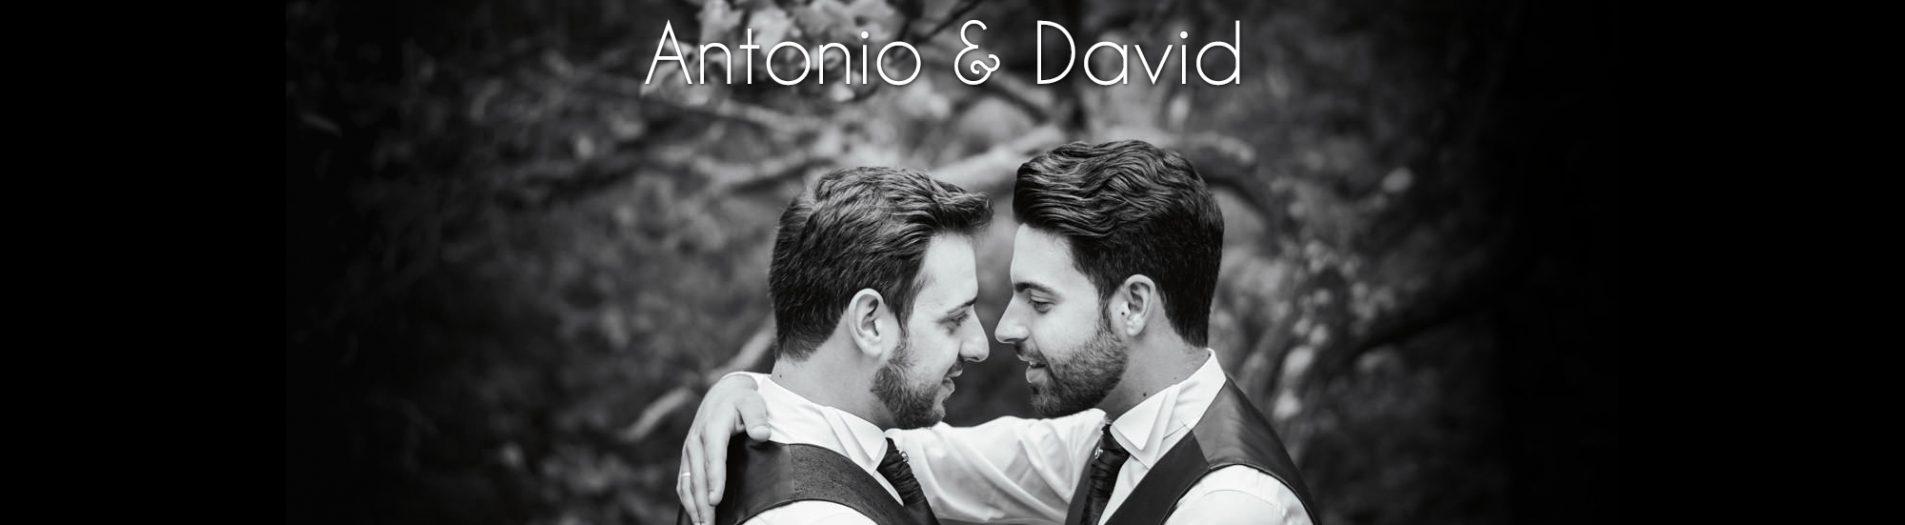 Trailer Boda Antonio y David